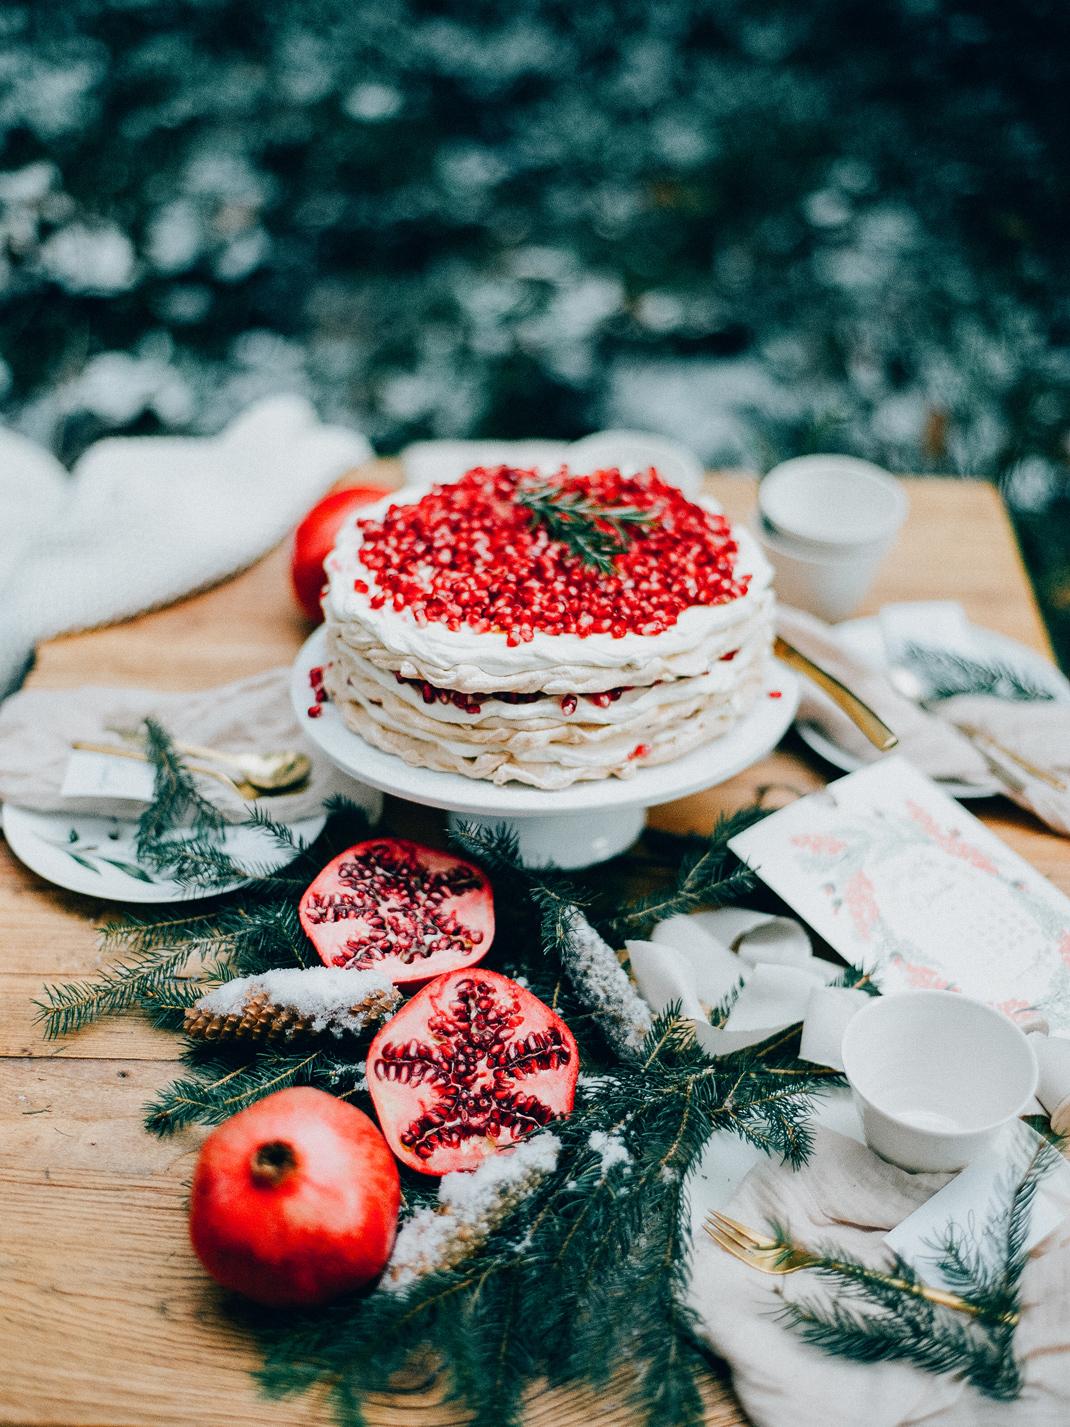 Silvia Fischer. Echte Kuchenliebe. Granatapfel Pavlova Torte